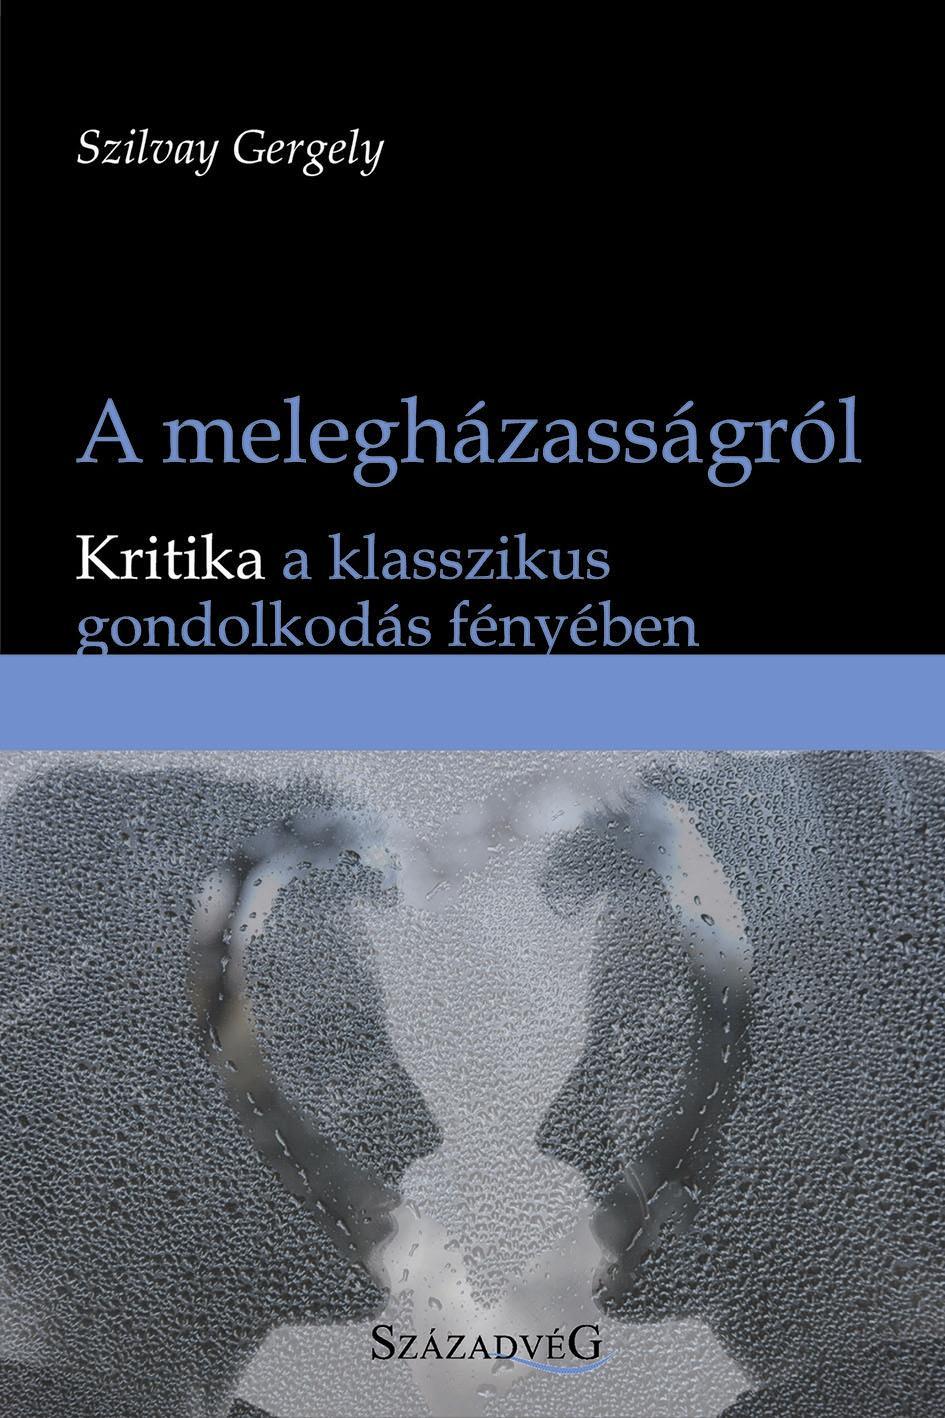 A MELEGHÁZASSÁGRÓL - KRITIKA A KLASSZIKUS GONDOLKODÁS FÉNYÉBEN